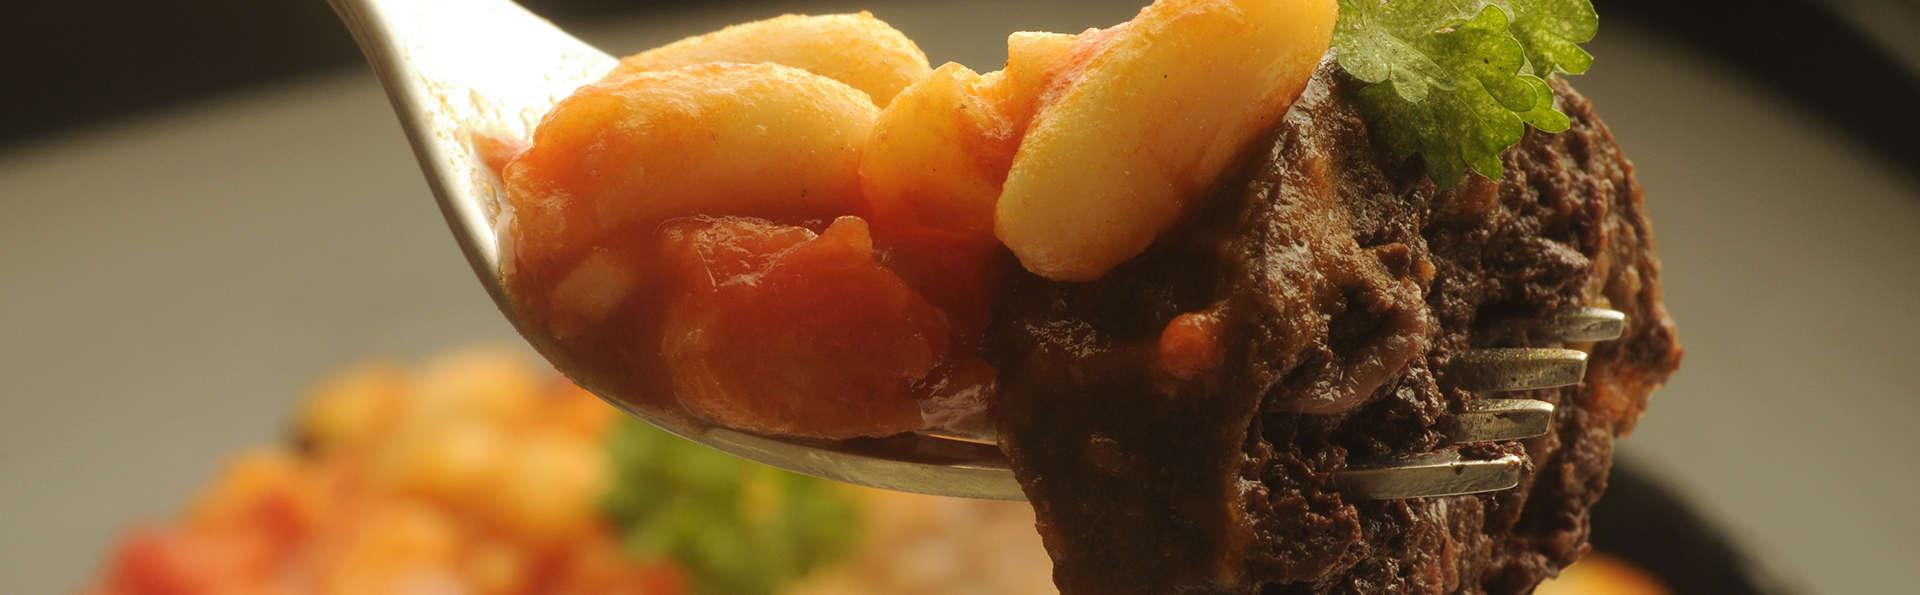 Escapada gastronómica en las tierras termales de Lanjarón